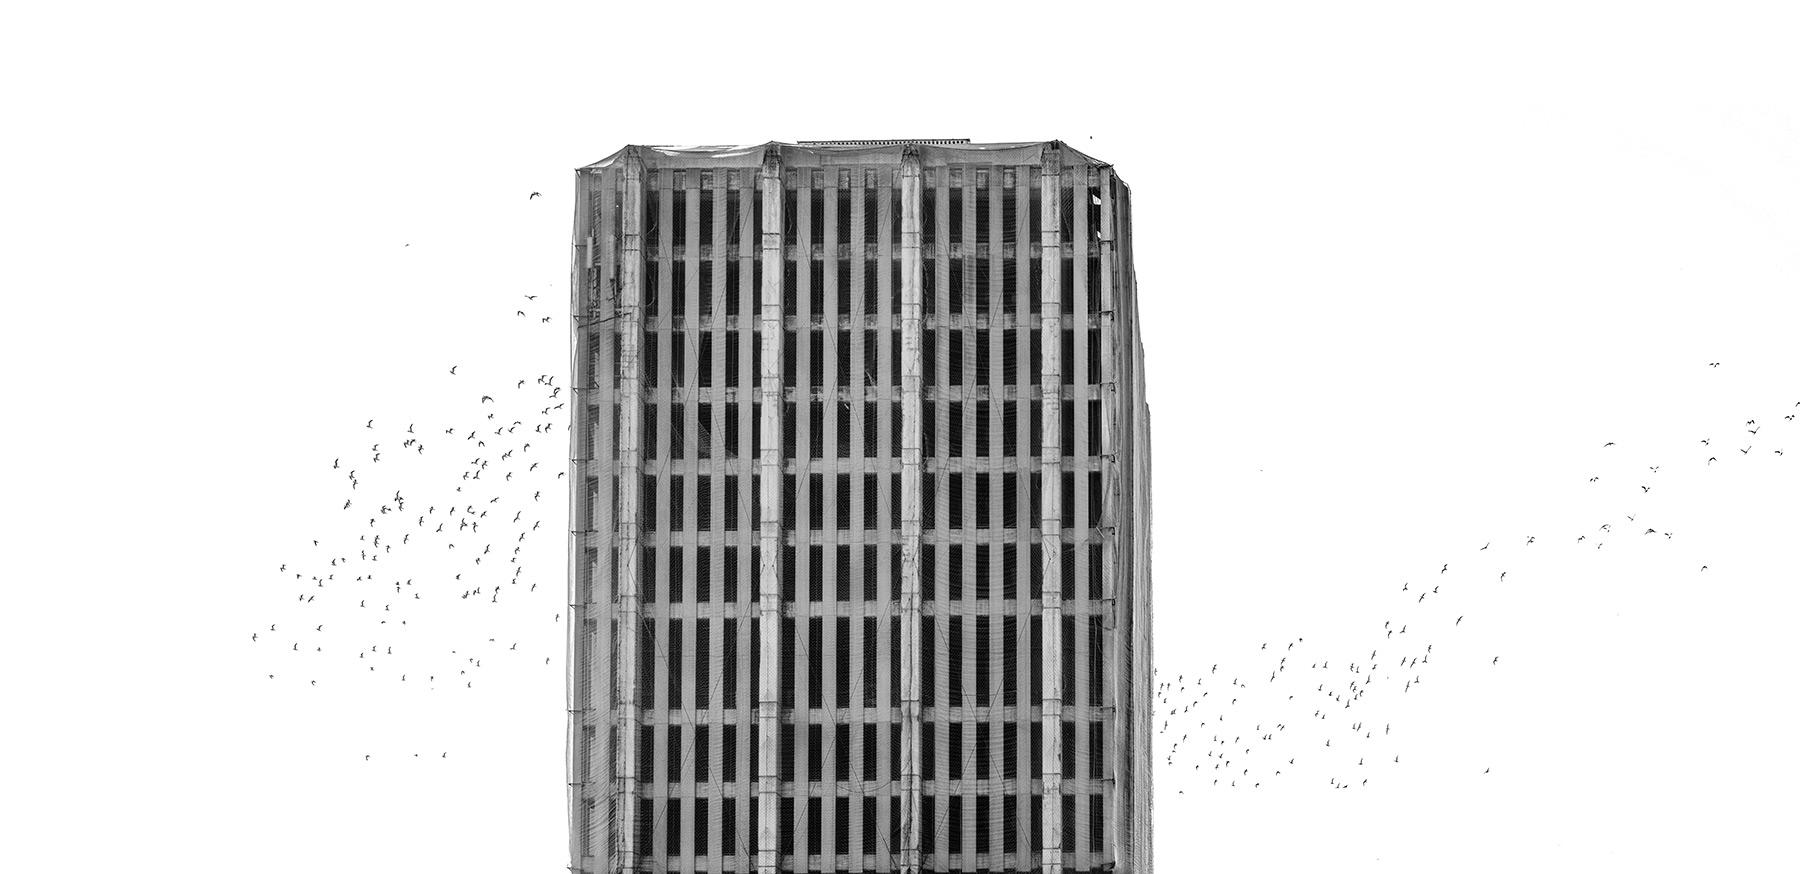 La torre elevada